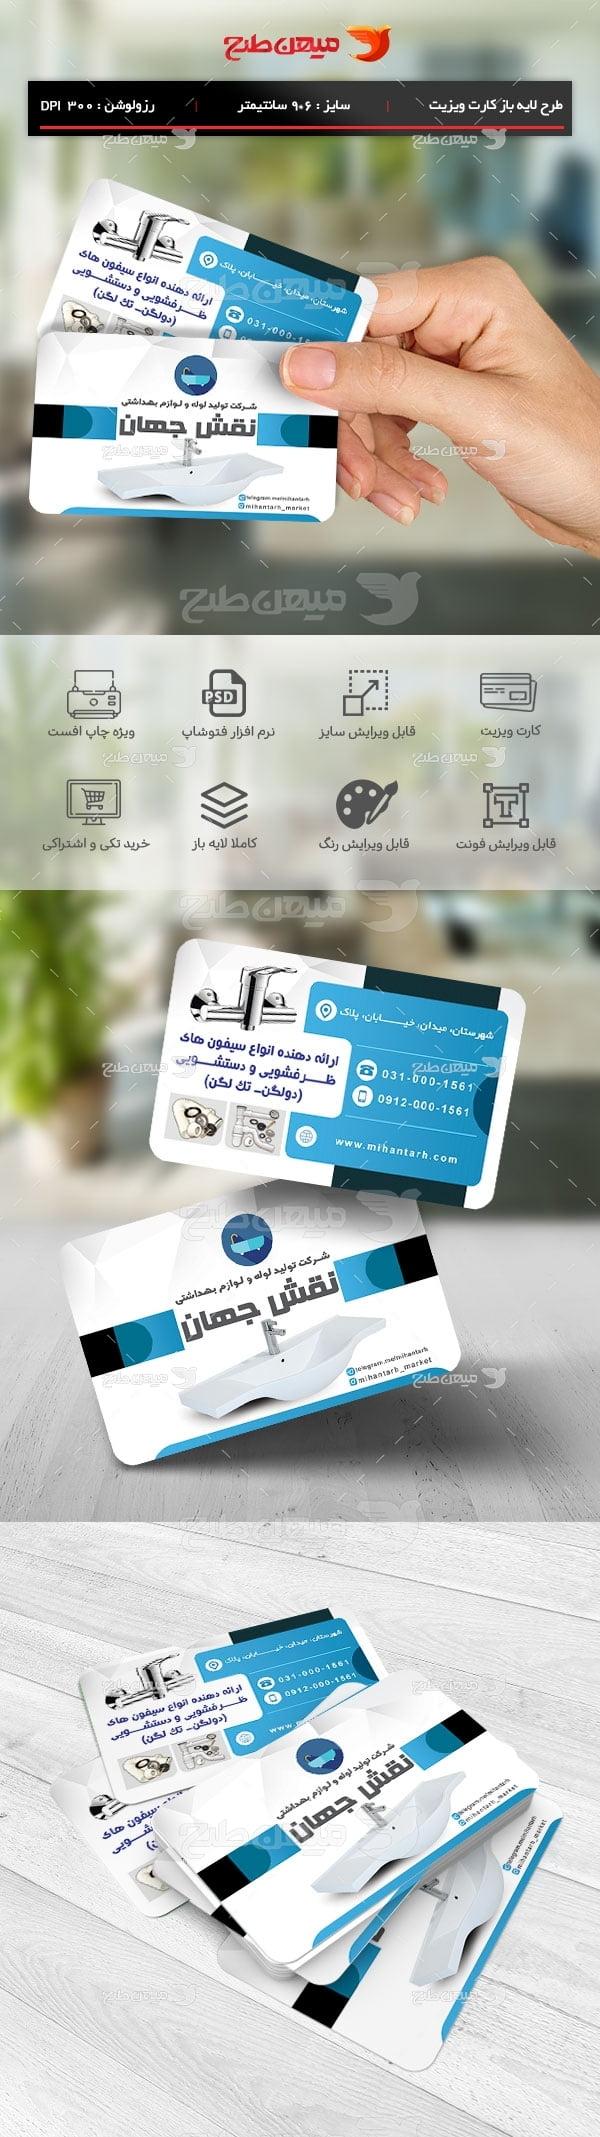 طرح لایه باز کارت ویزیت شرکت تولید لوله و لوازم بهداشتی نقش جهان